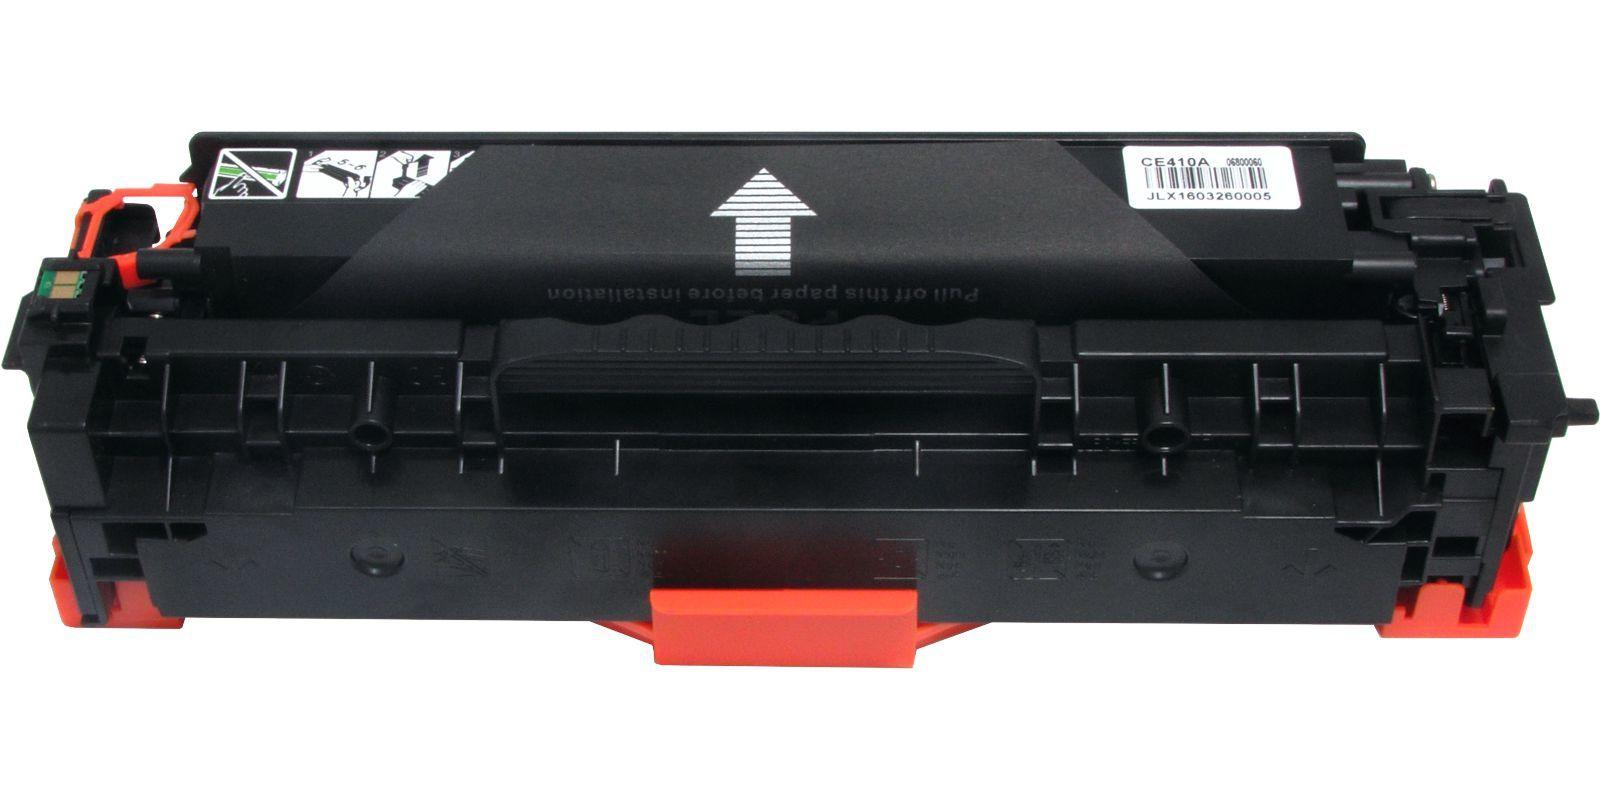 Картридж лазерный цветной ULTRA 305A CE410A черный (black), до 2200 стр.